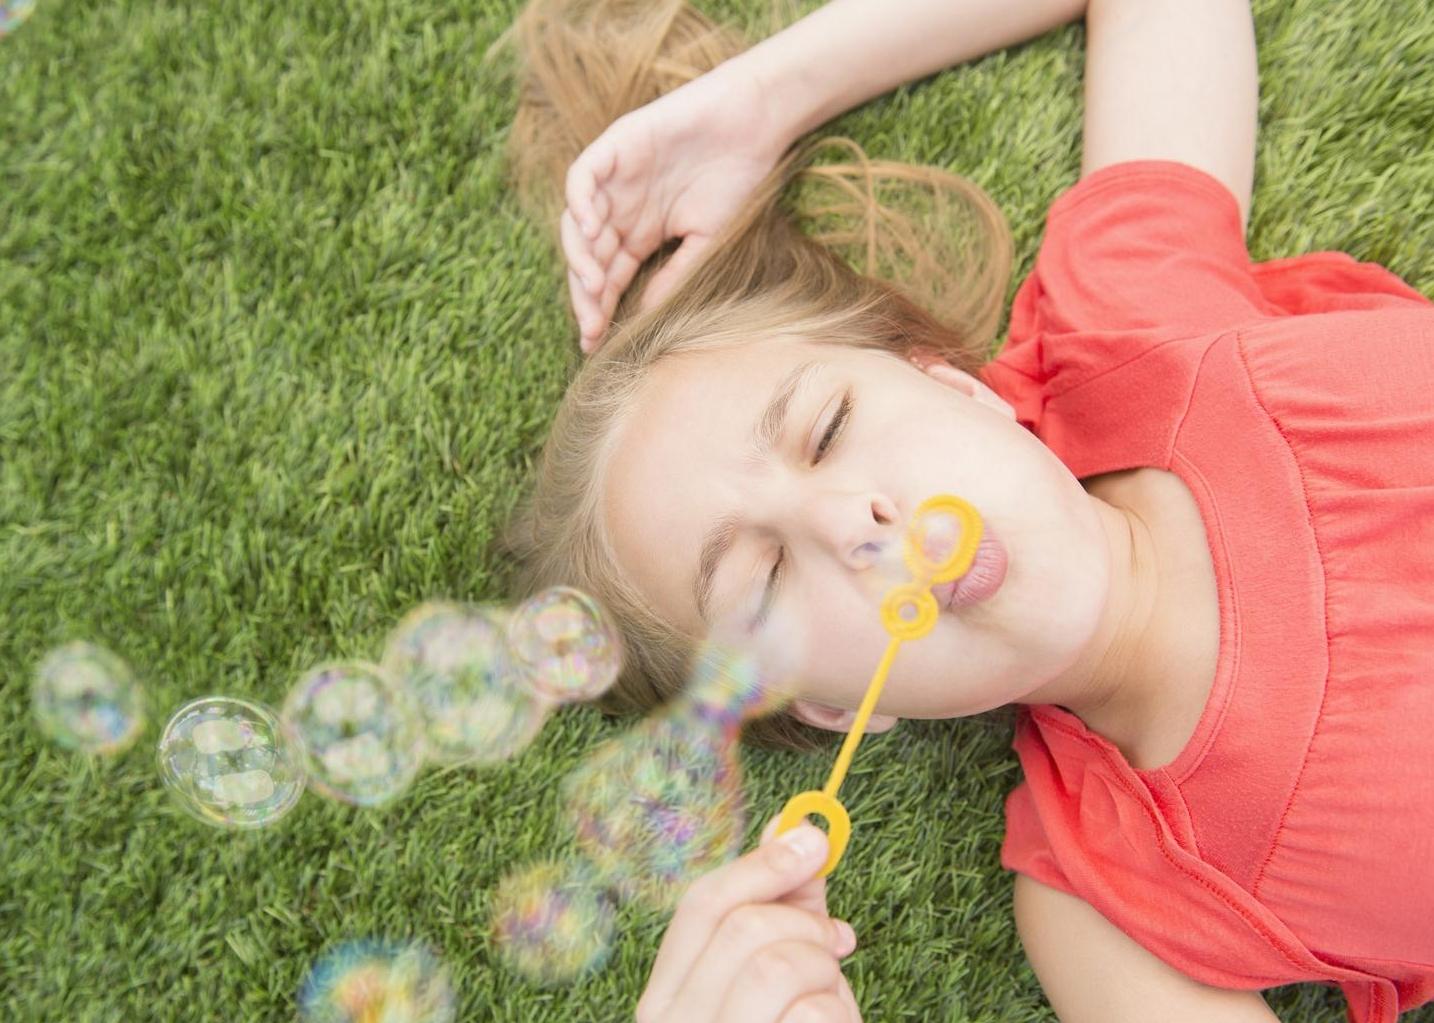 Le bolle di sapone  un gioco sempre attuale che i bambini amano ... 9b552e84271